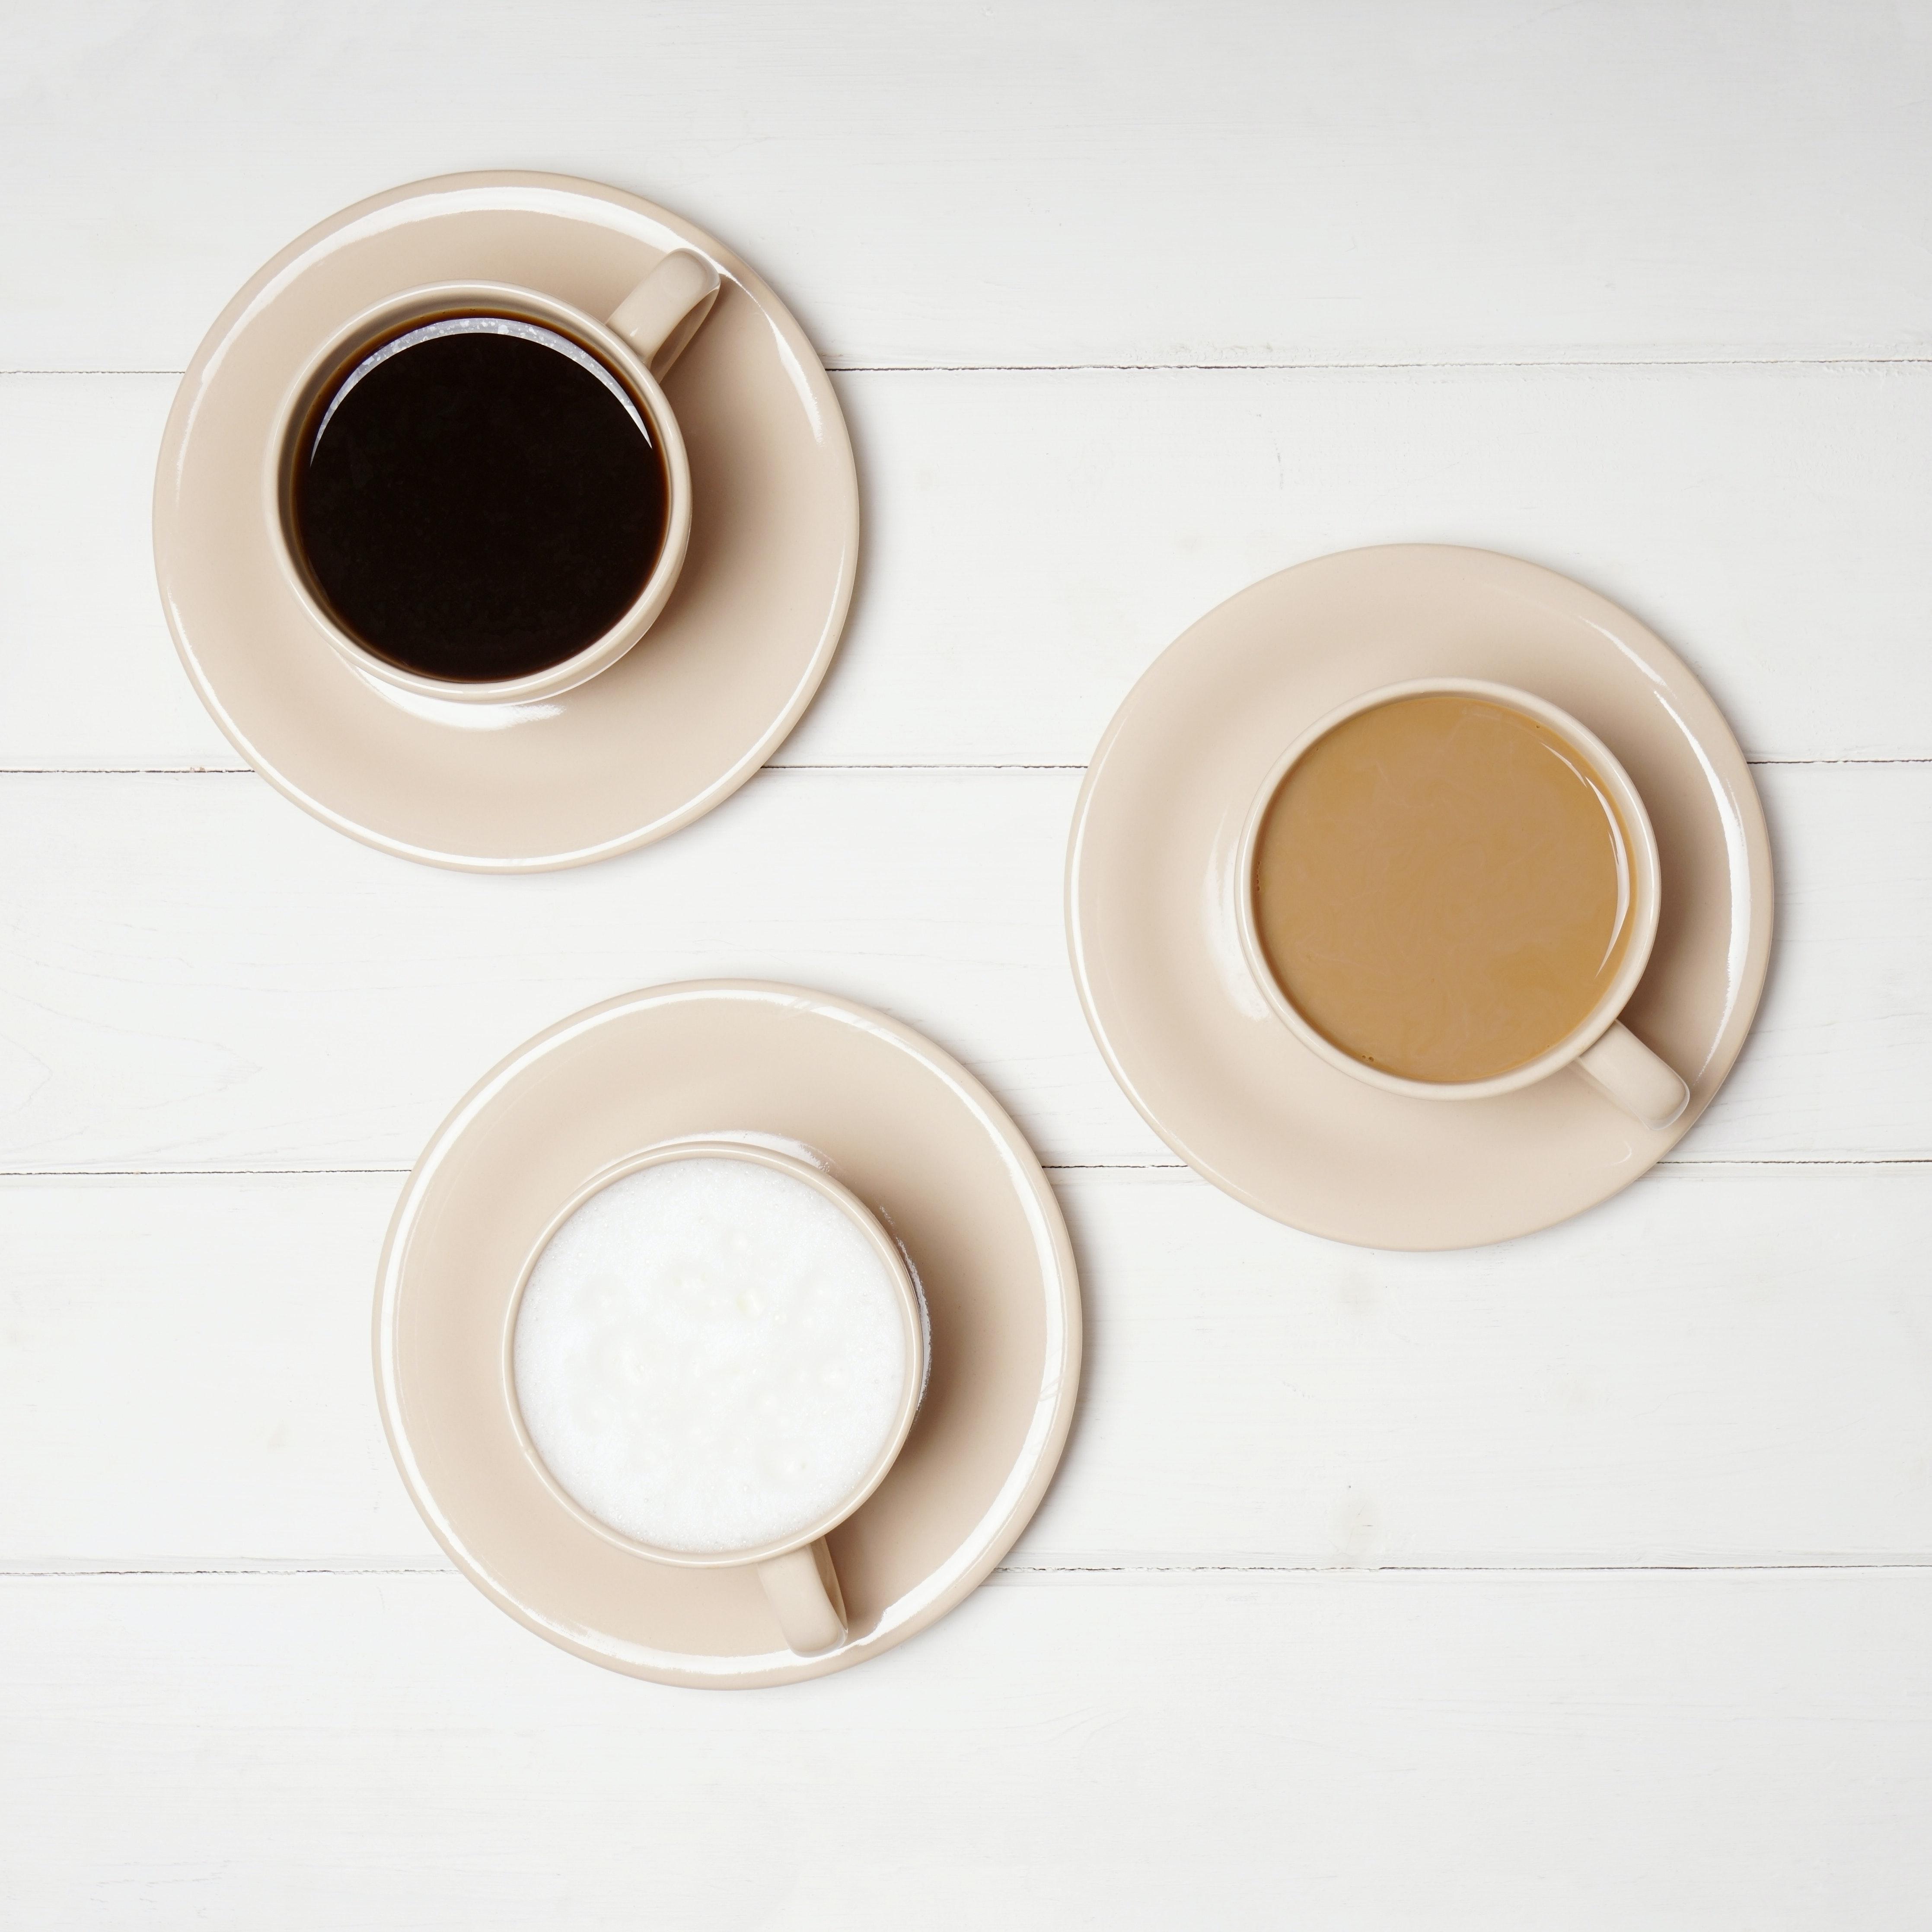 Kaffee tassen symbolbild arten von professoren.c239f1c1c914f456f086e765c3230c2bd